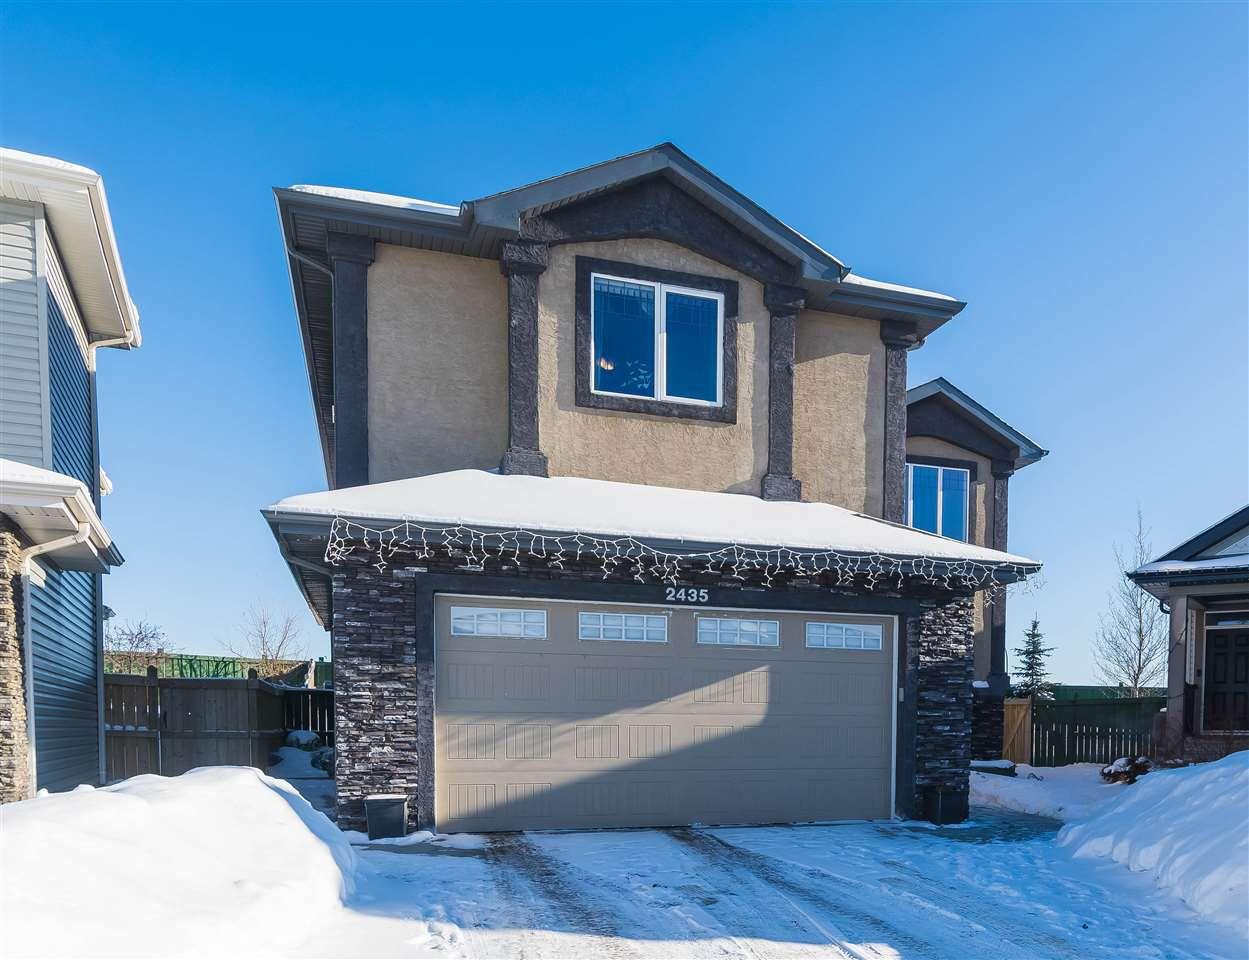 Main Photo: 2435 HAGEN Way in Edmonton: Zone 14 House for sale : MLS®# E4145137